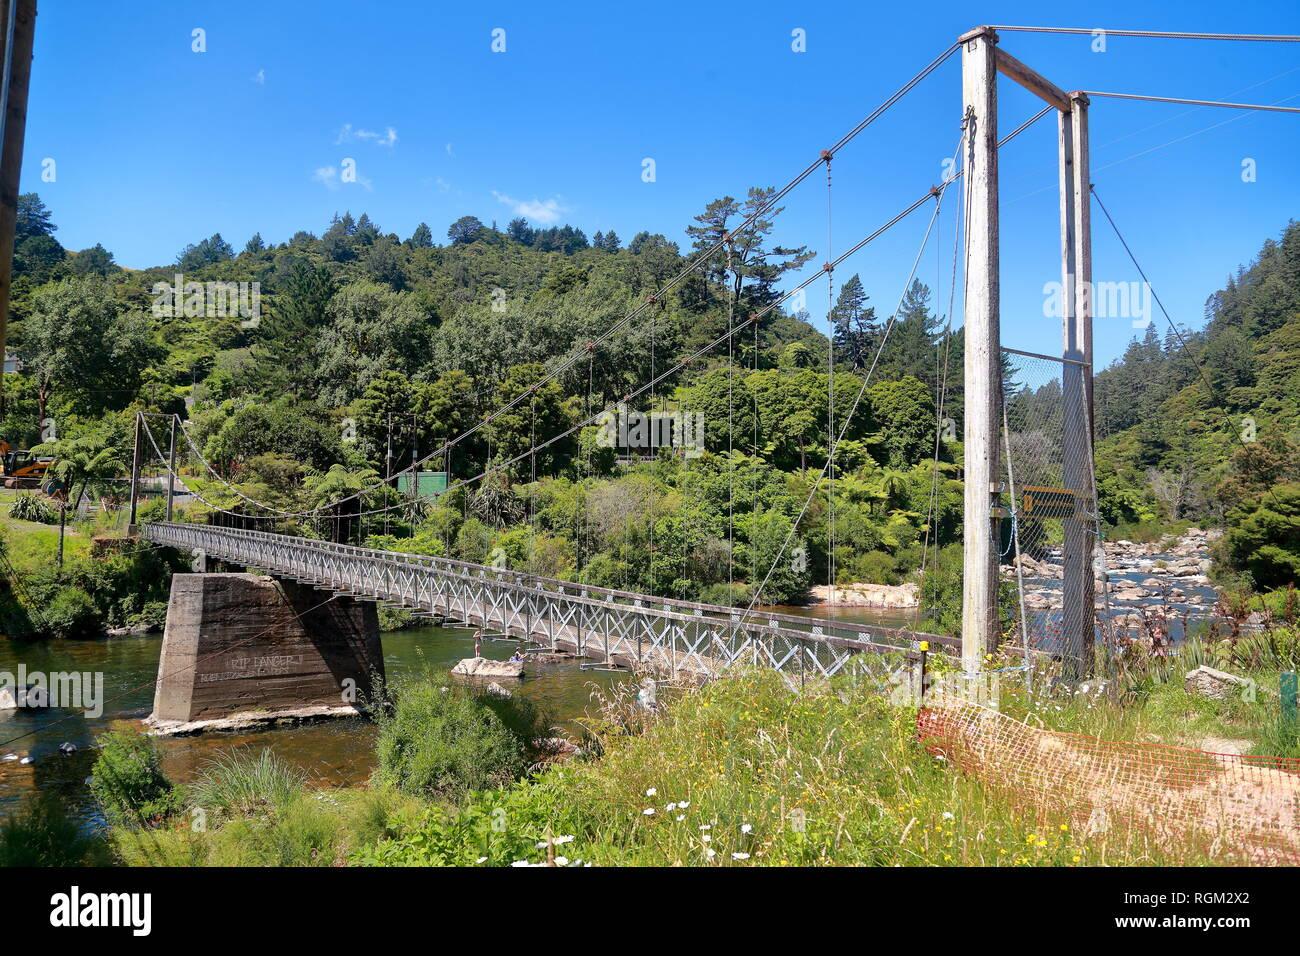 Un pont suspendu au-dessus de la gorge entre Karangahake et Waikino Paeroa, île du Nord Nouvelle-zélande Photo Stock